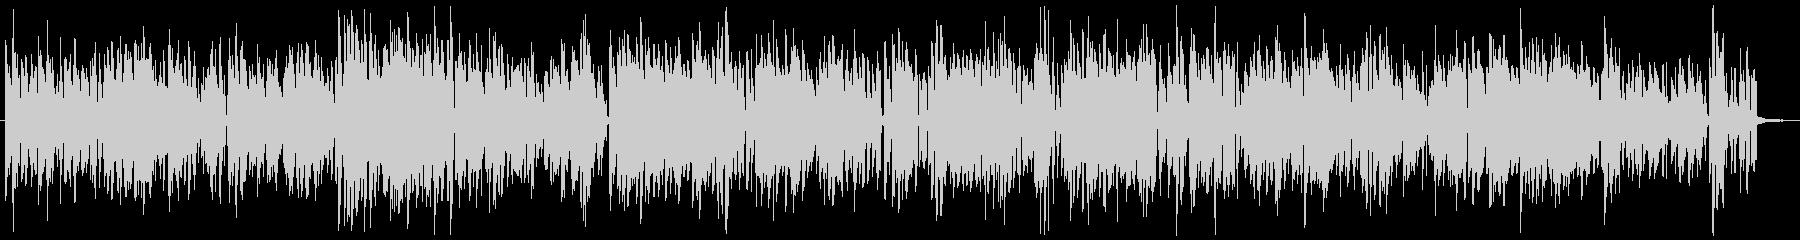 ピアノ・トリオNo.4/アドリブ重視の未再生の波形